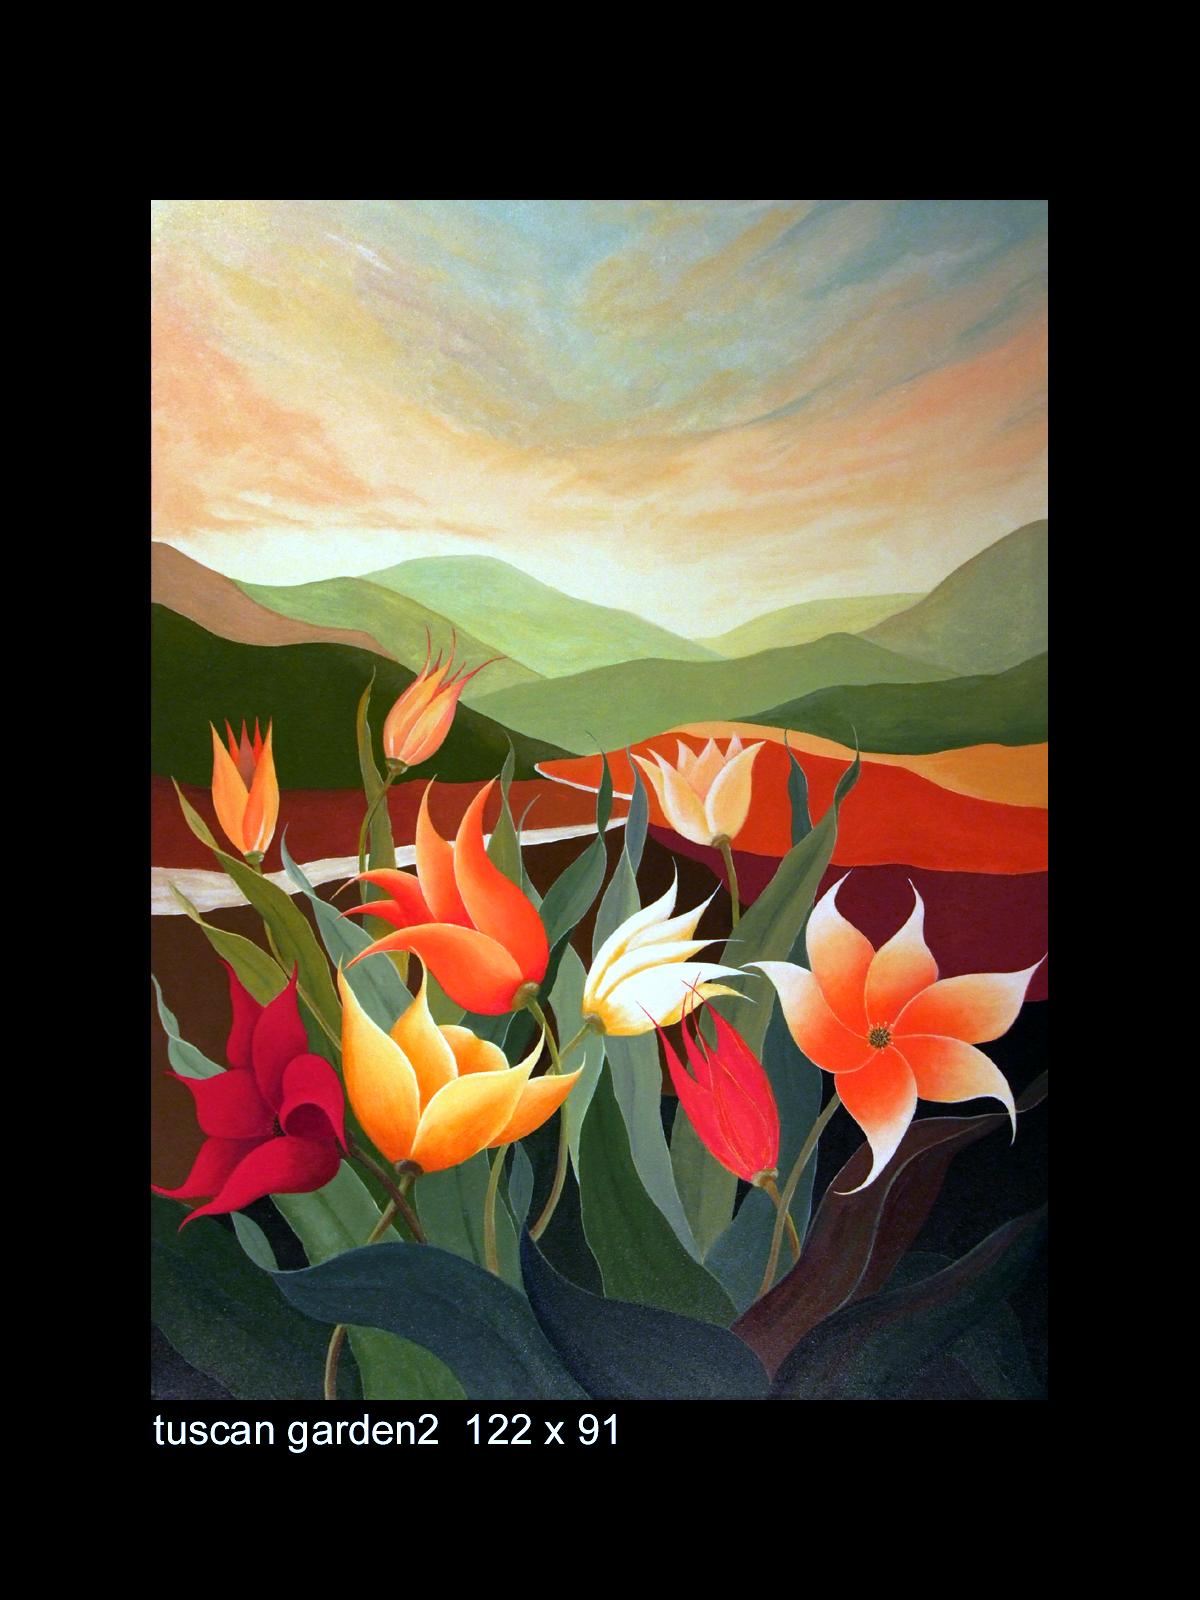 acrylic_tuscan garden2_122x91a